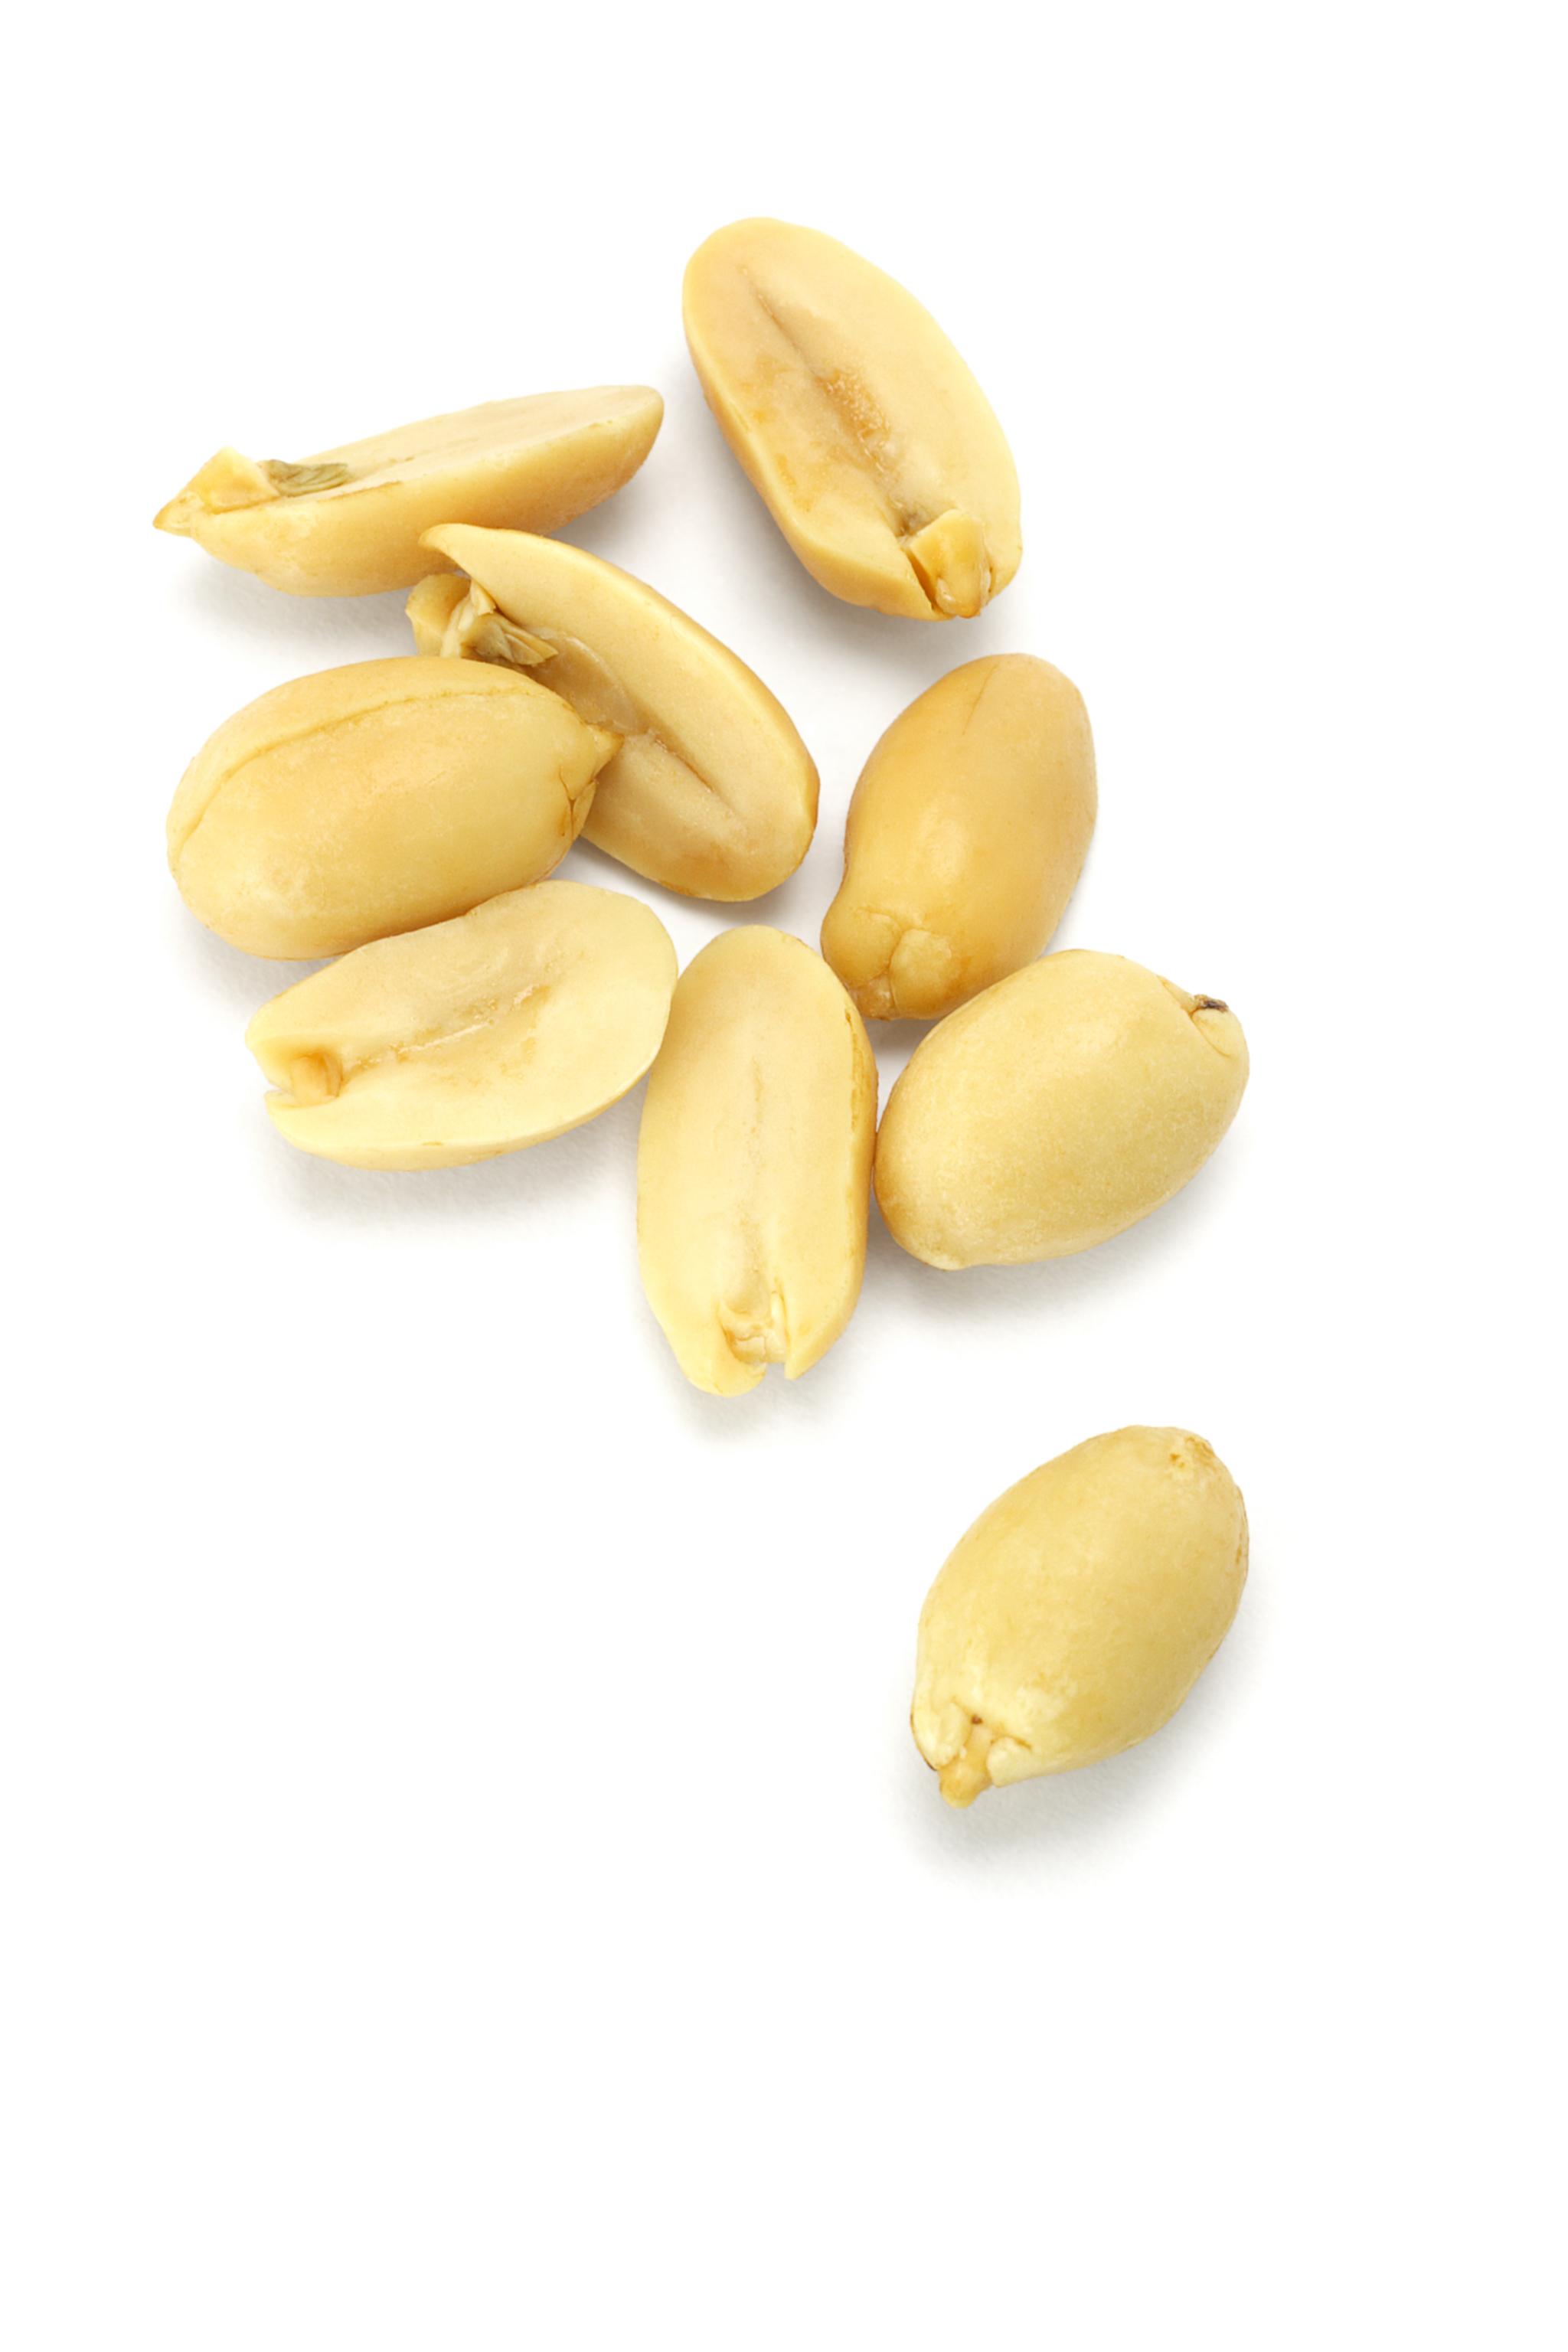 Peanut #8